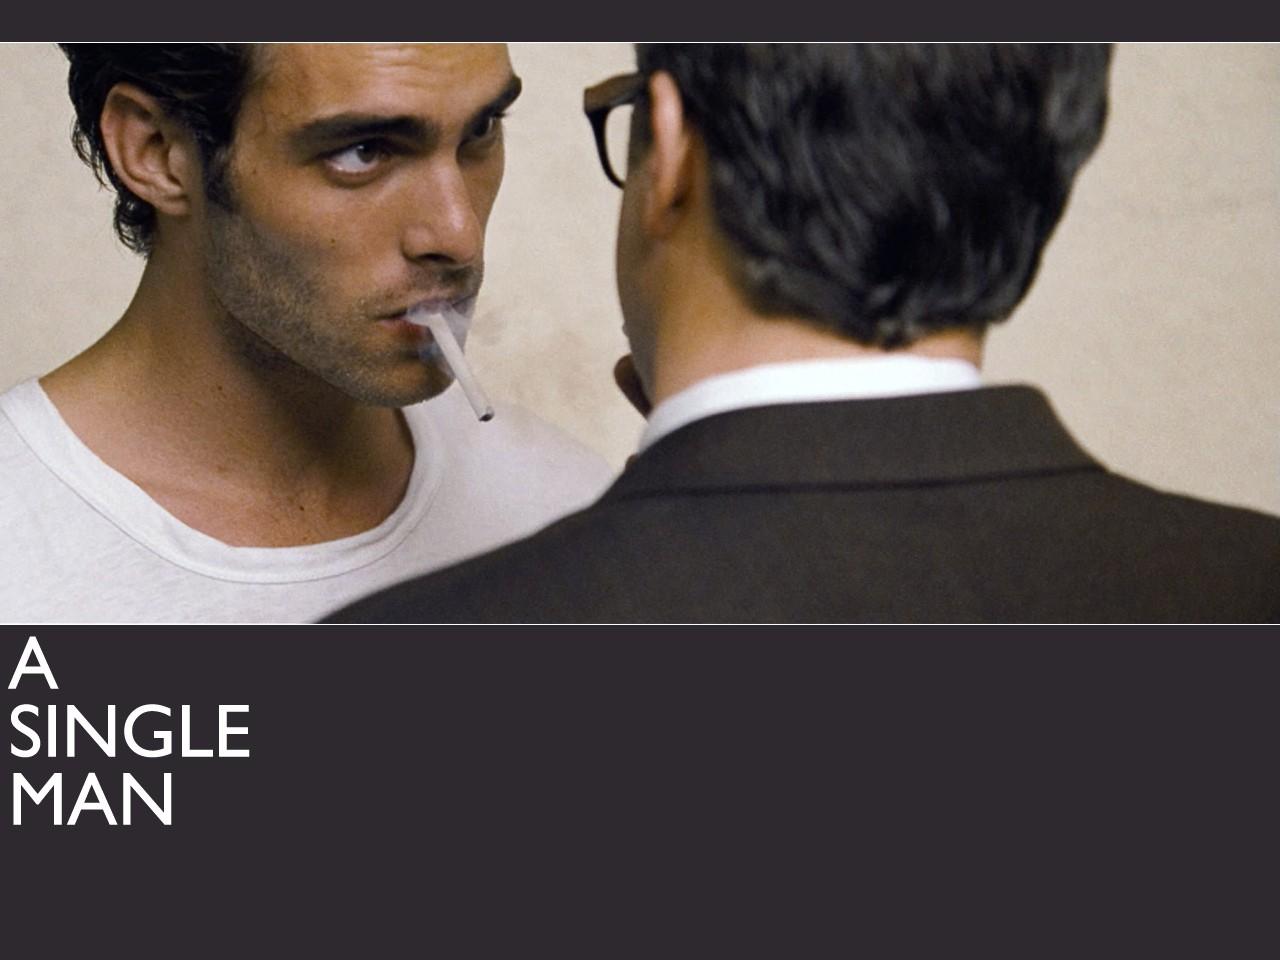 Un wallpaper del film A Single Man